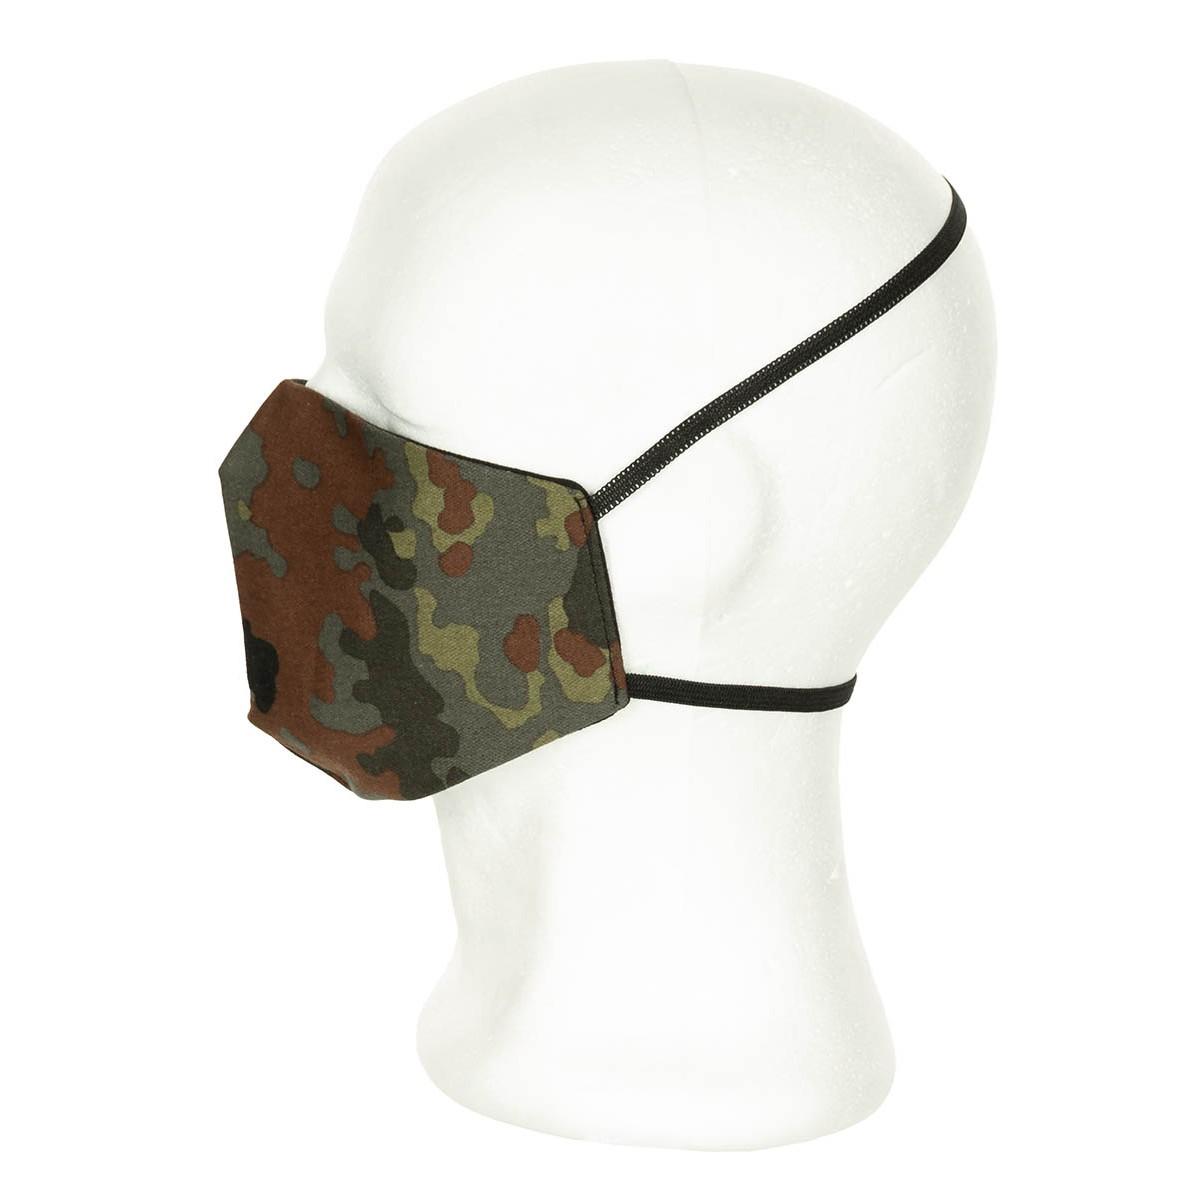 Rúška pre zakrytie úst a nosa maskovaná flecktarn